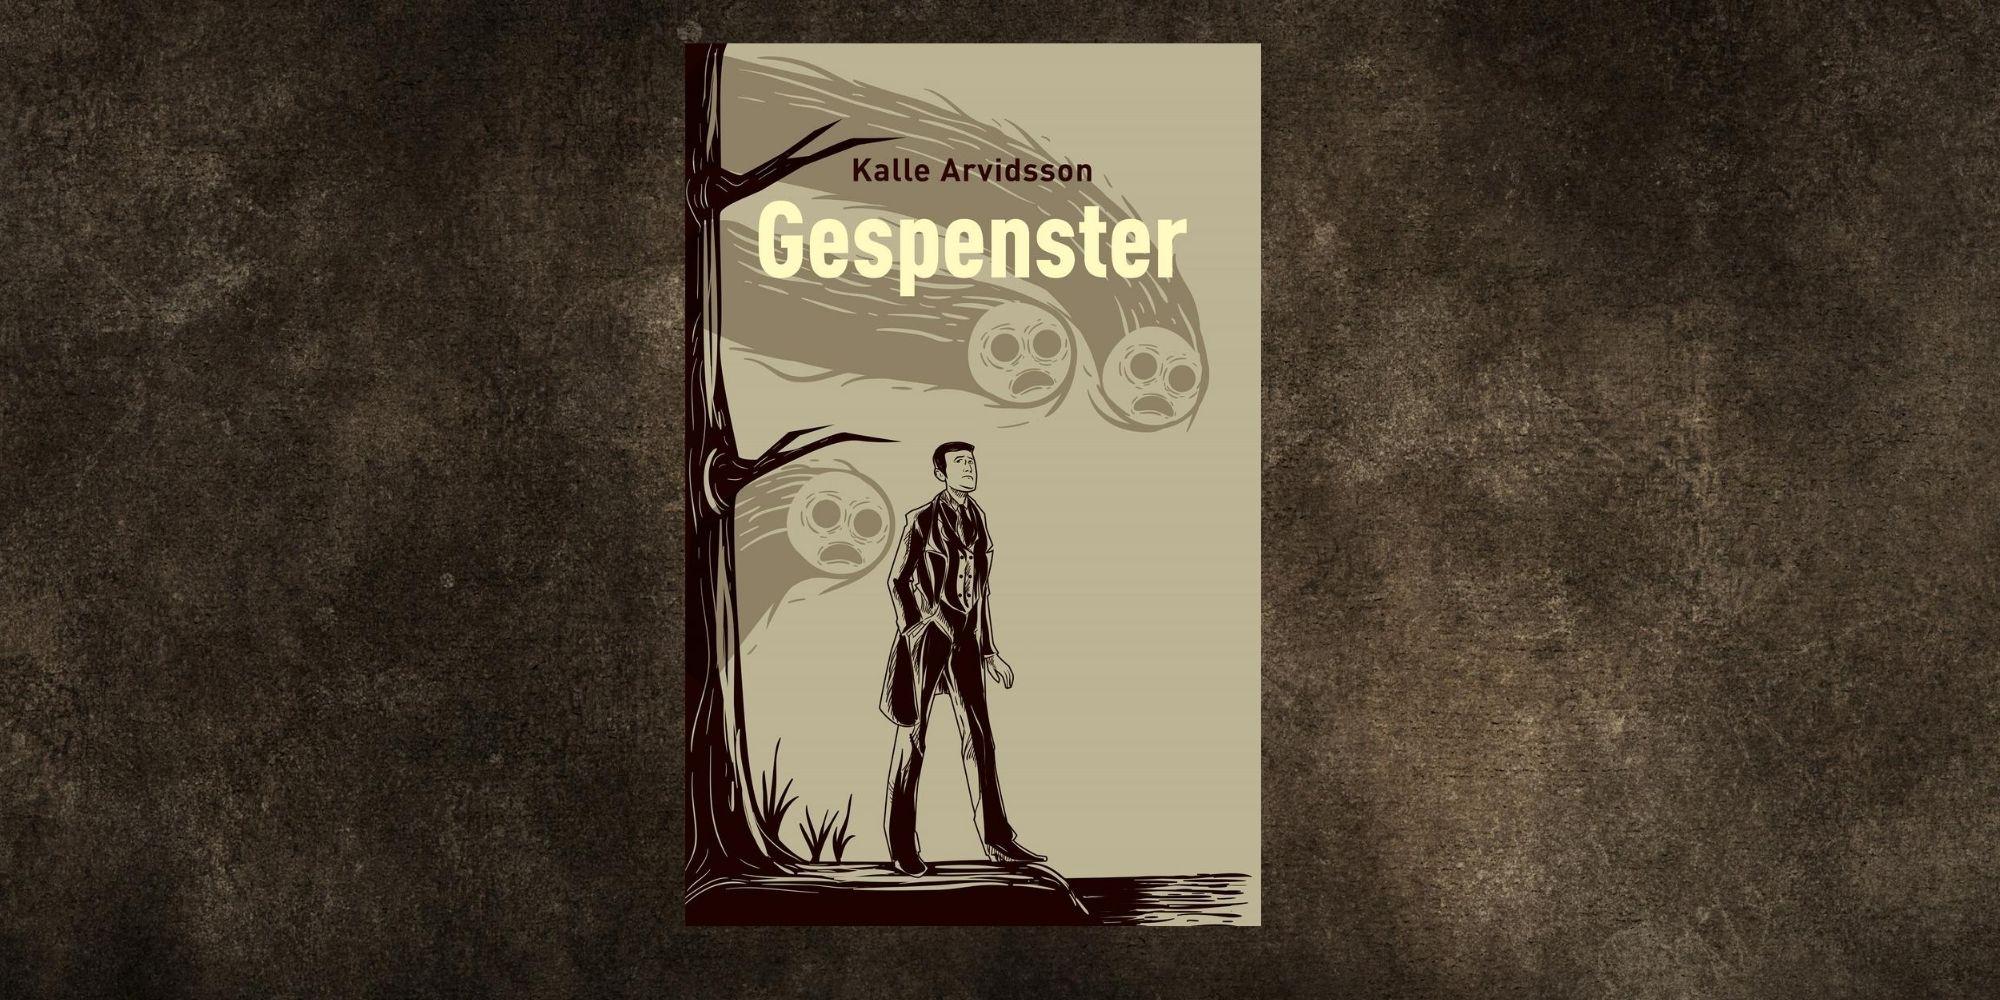 GESPENSTER